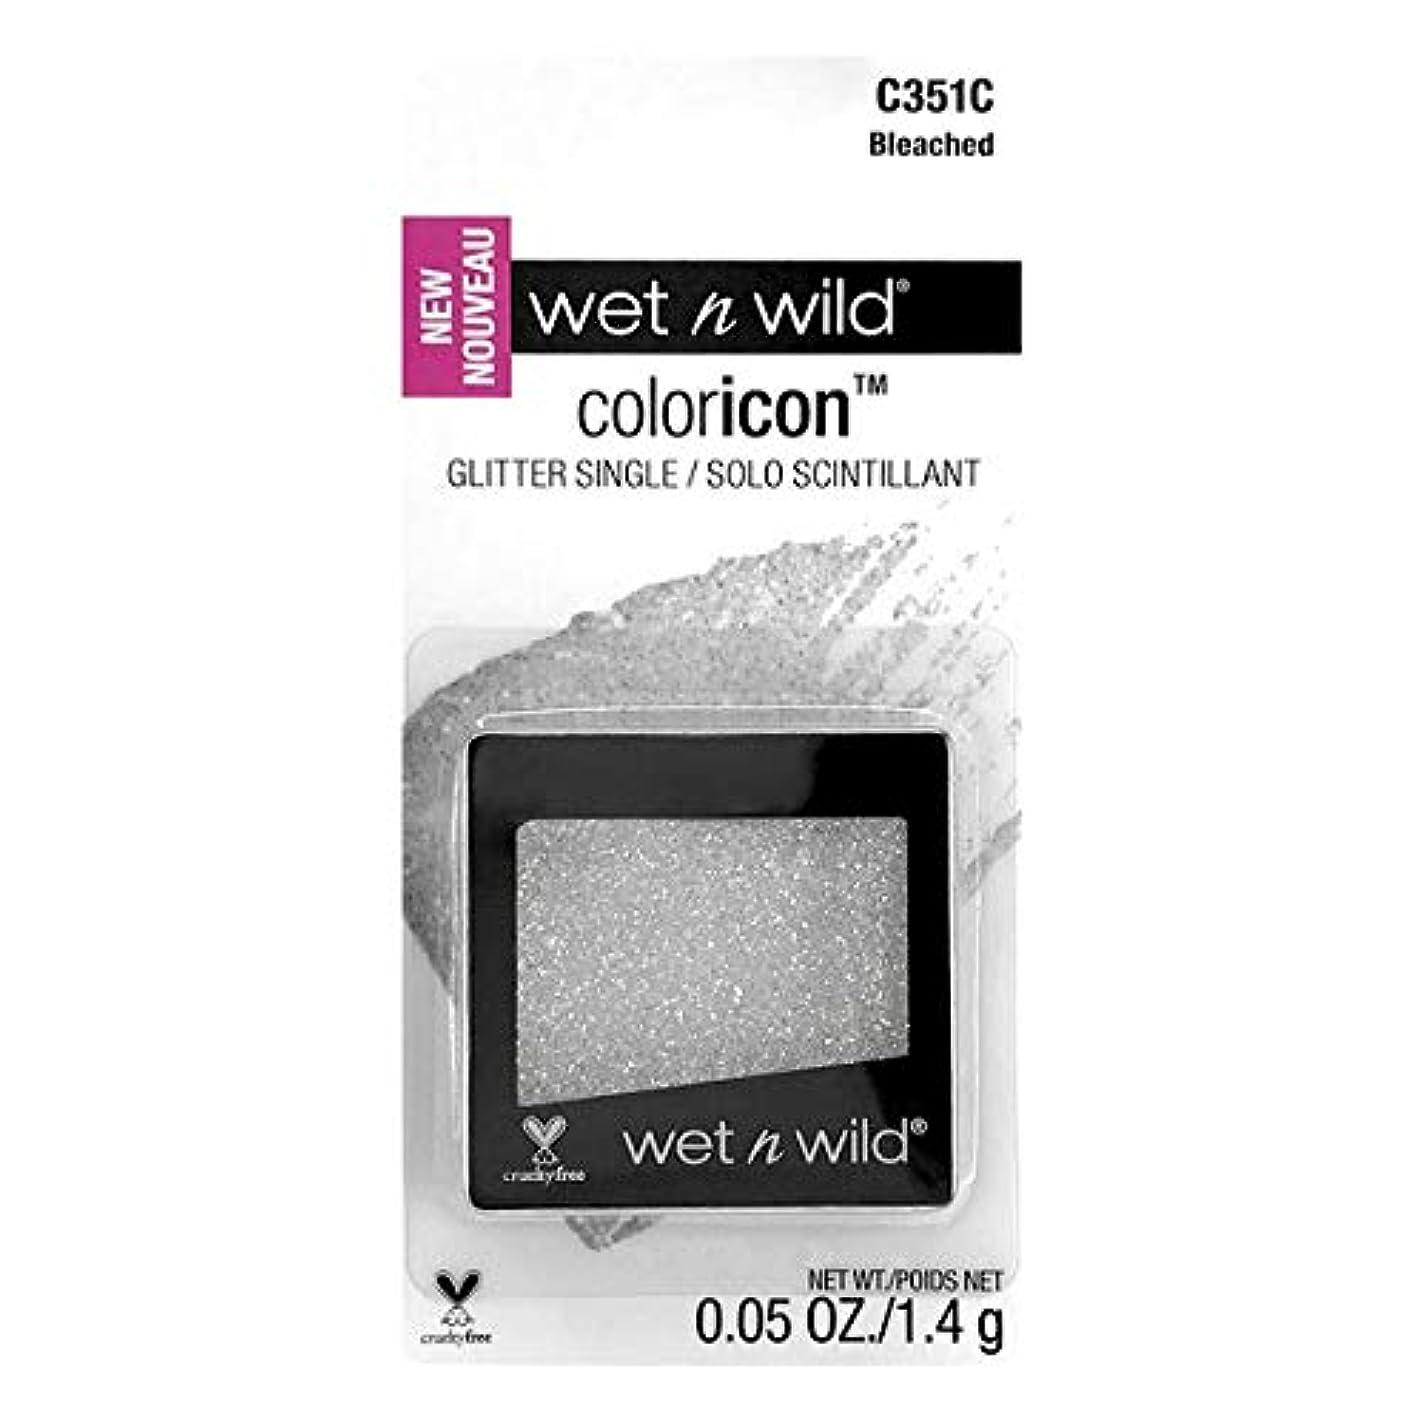 リレー投げ捨てる悲惨なWET N WILD Color Icon Glitter Single - Bleached (CARDED) (3 Pack) (並行輸入品)